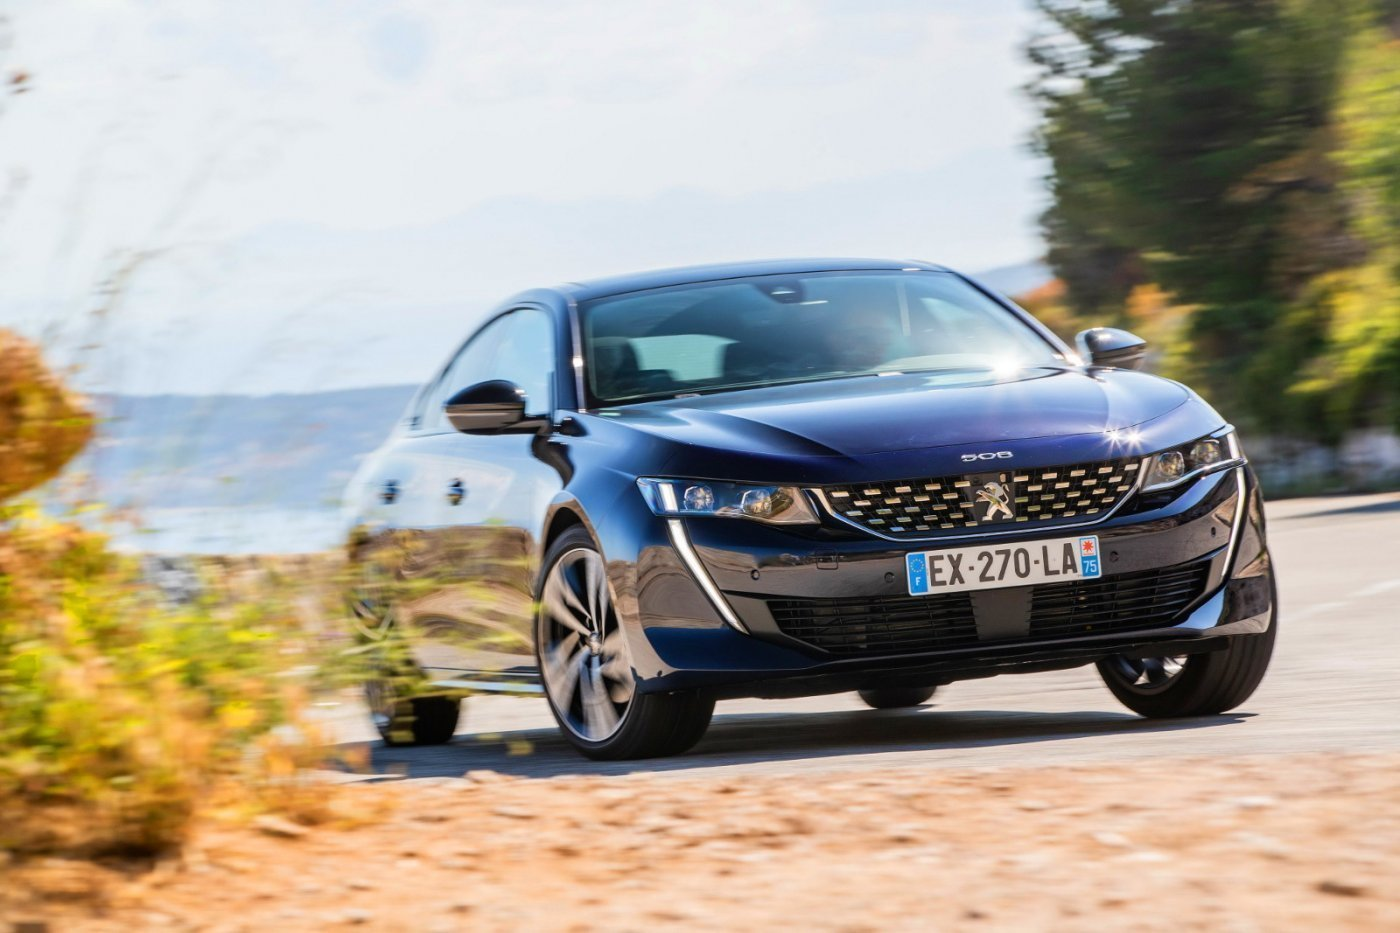 Így gondolta újra középkategóriását a Peugeot